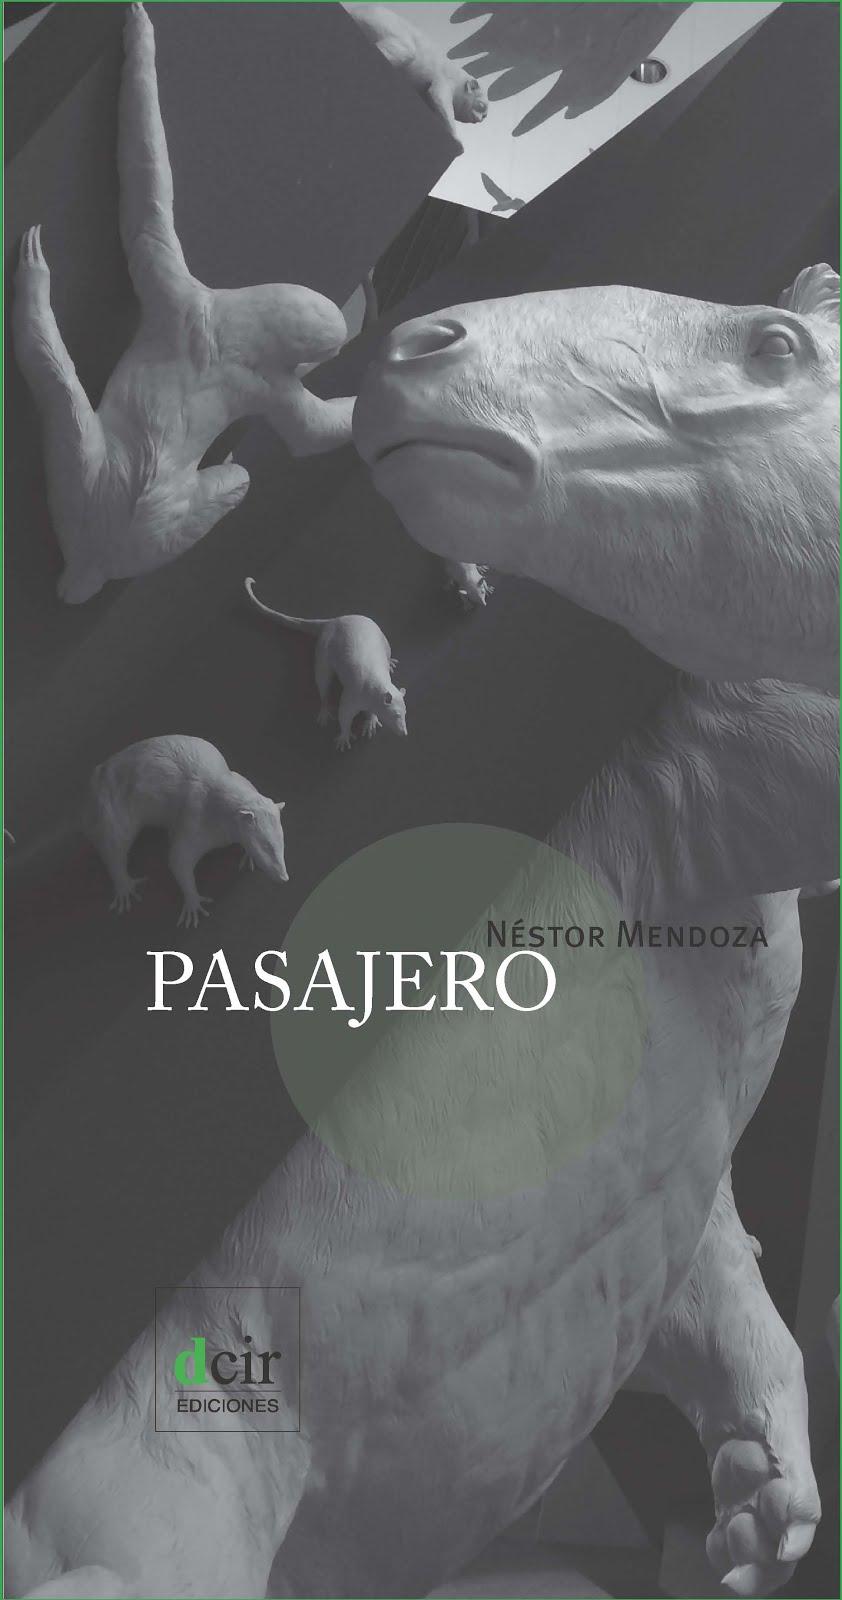 Pasajero (2015)